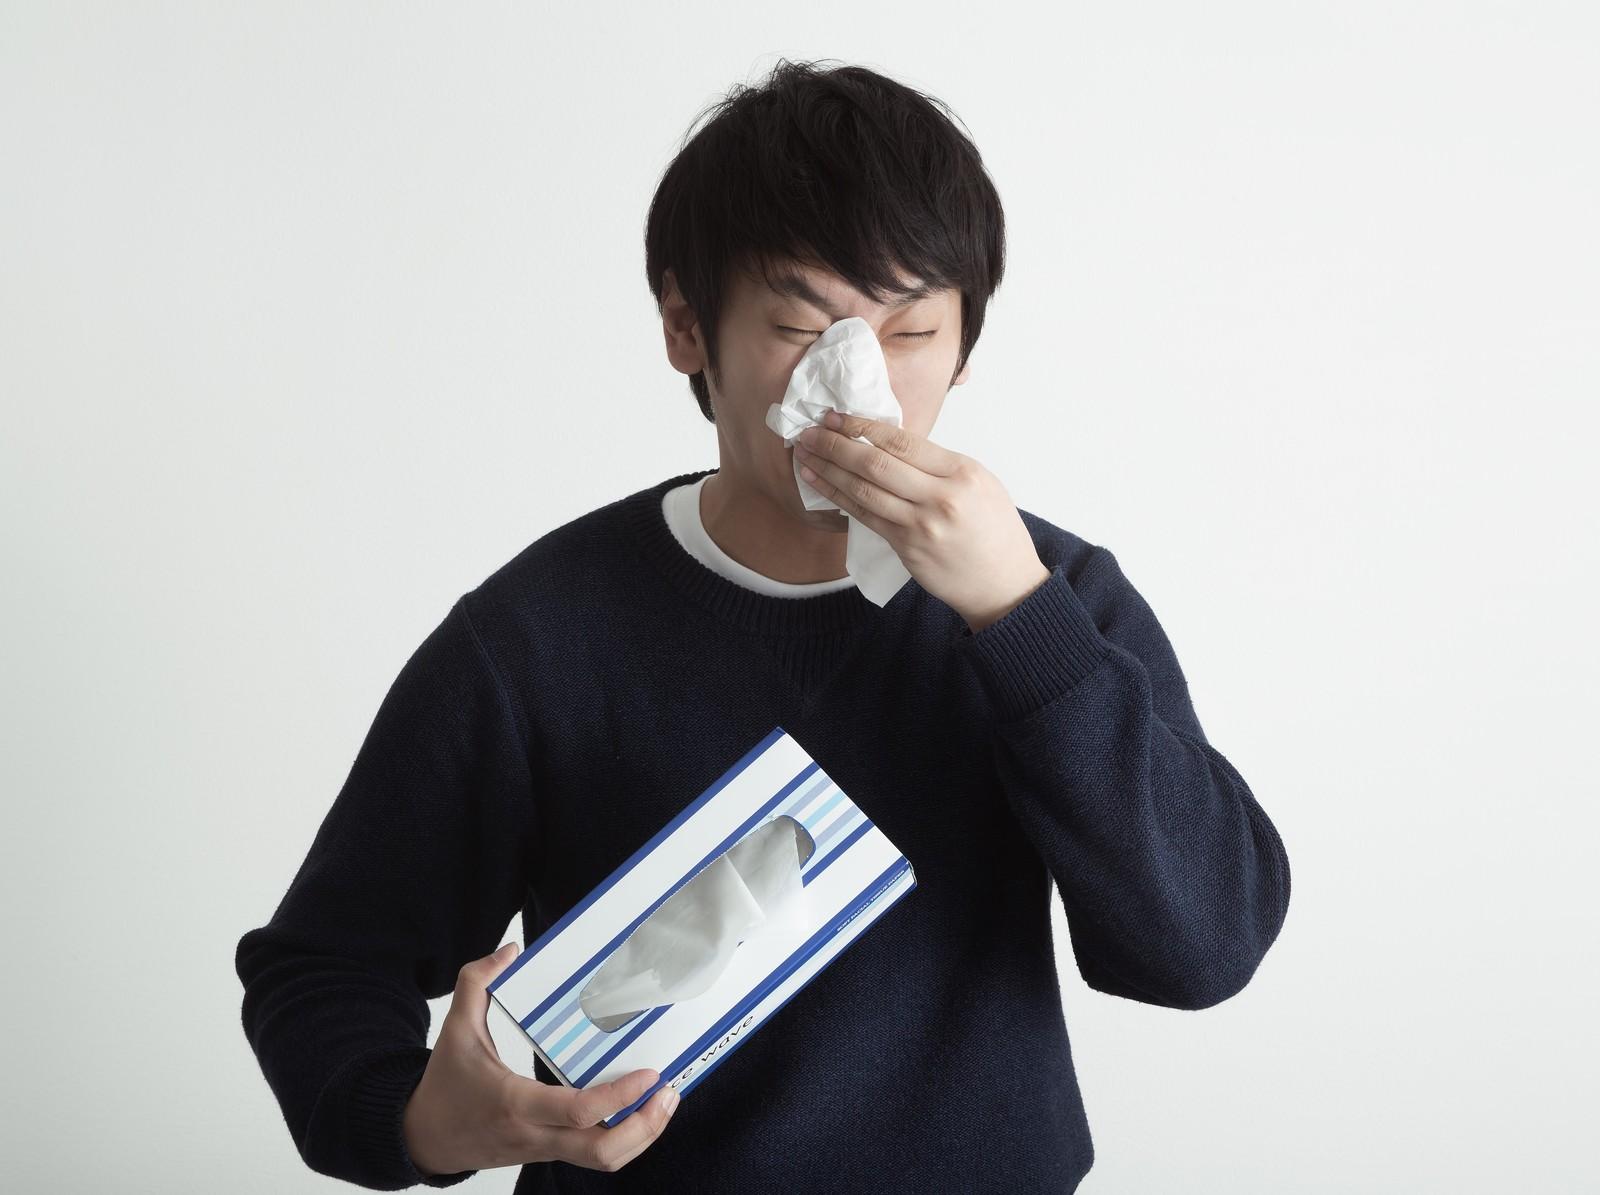 なぜ、突然金属アレルギーになるの?